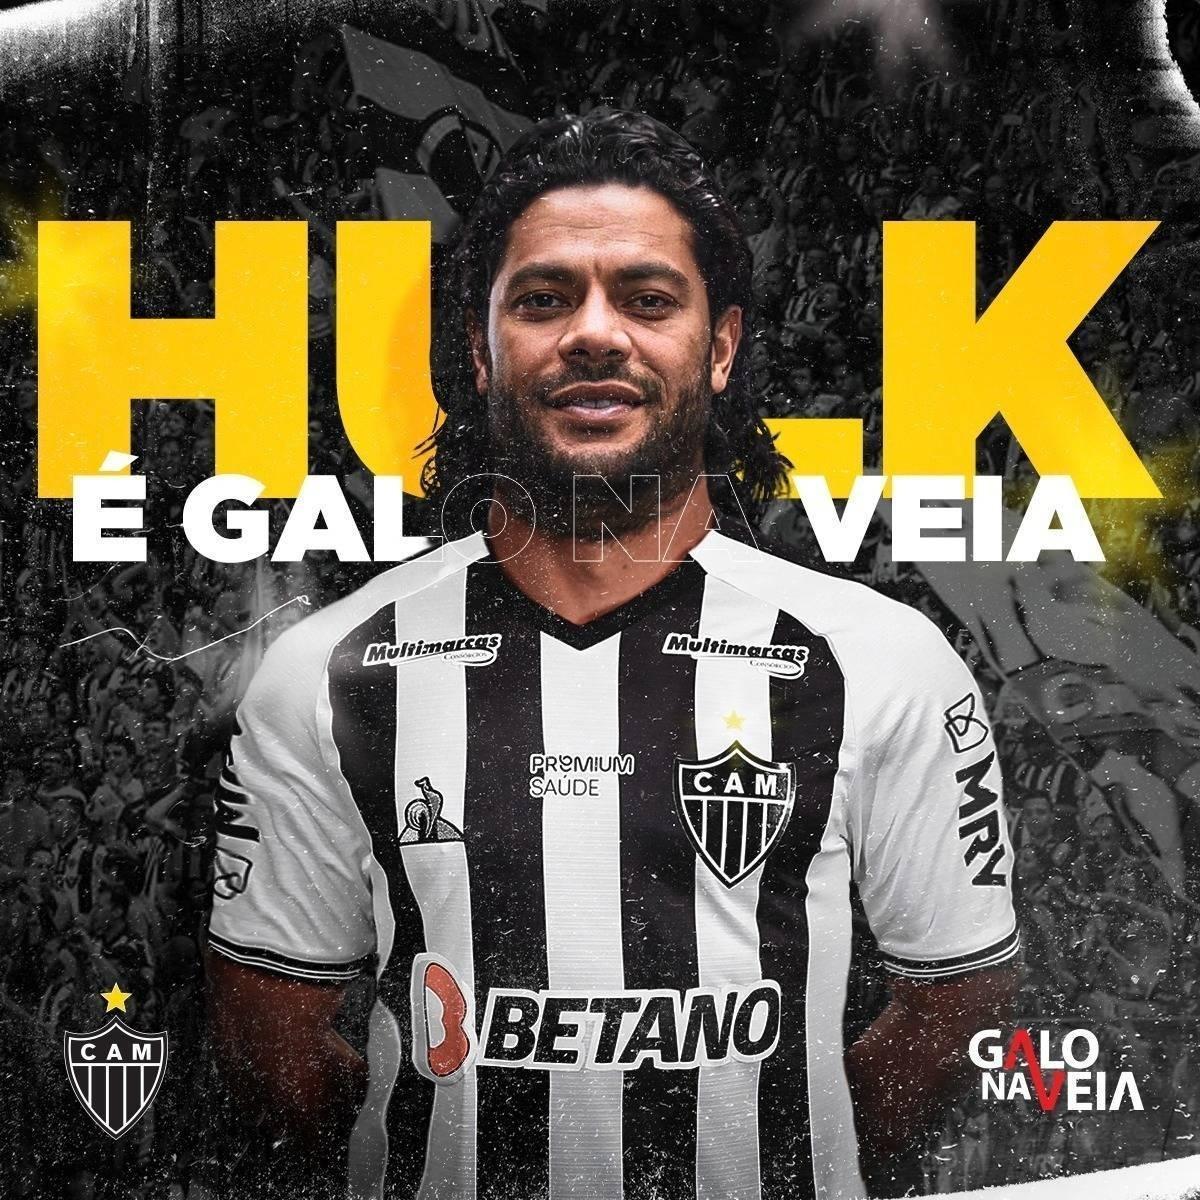 Hulk assina contrato de dois anos com o Atlético-MG e receberá premiações e bônus altos no clube